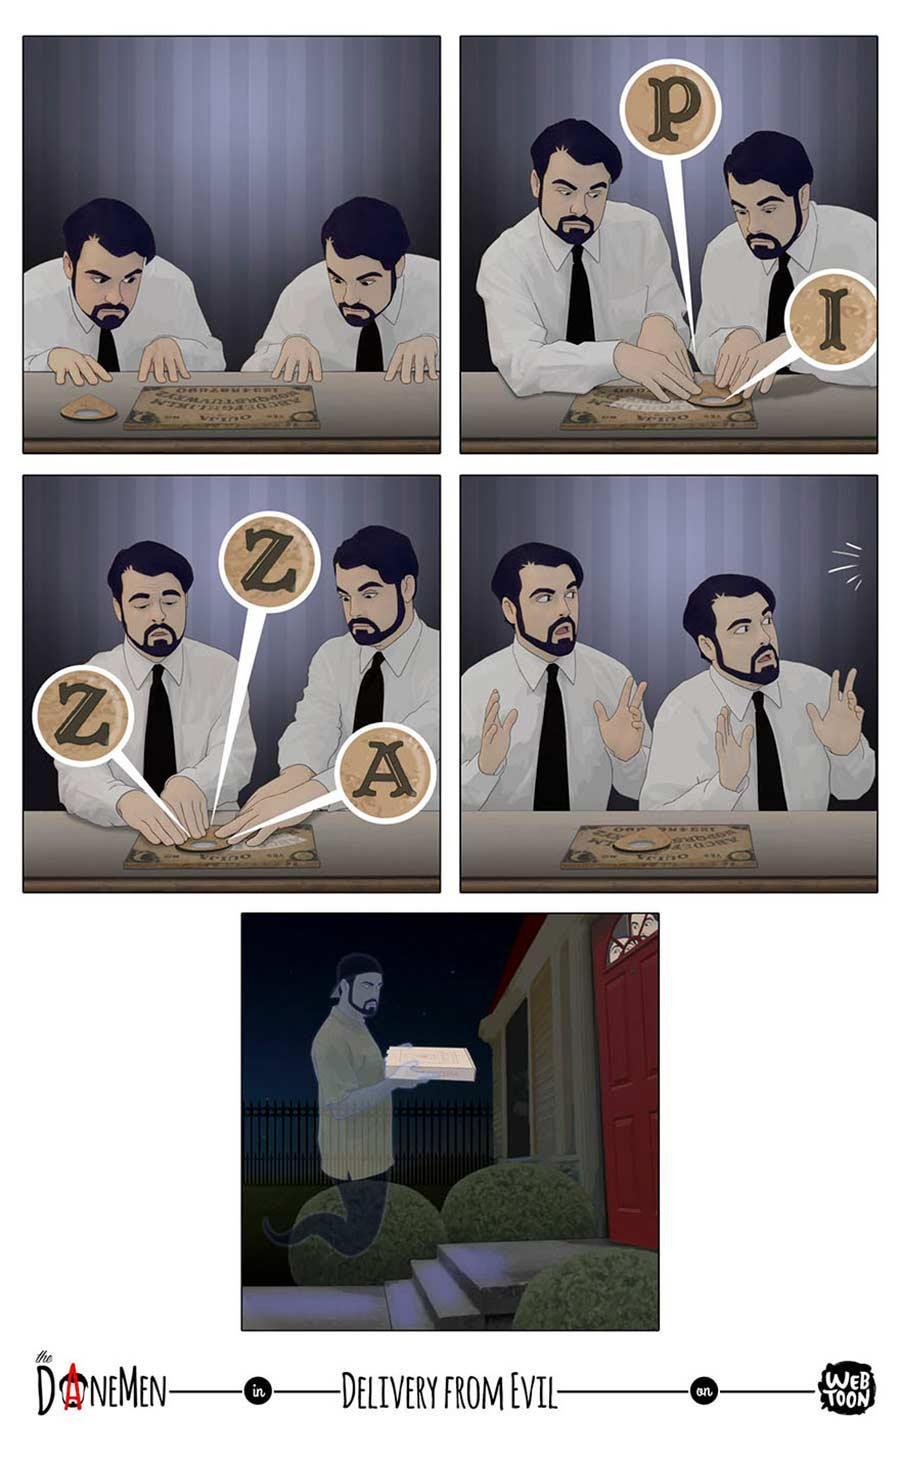 Sarkastische Webcomics von David Daneman The-Daneman_09